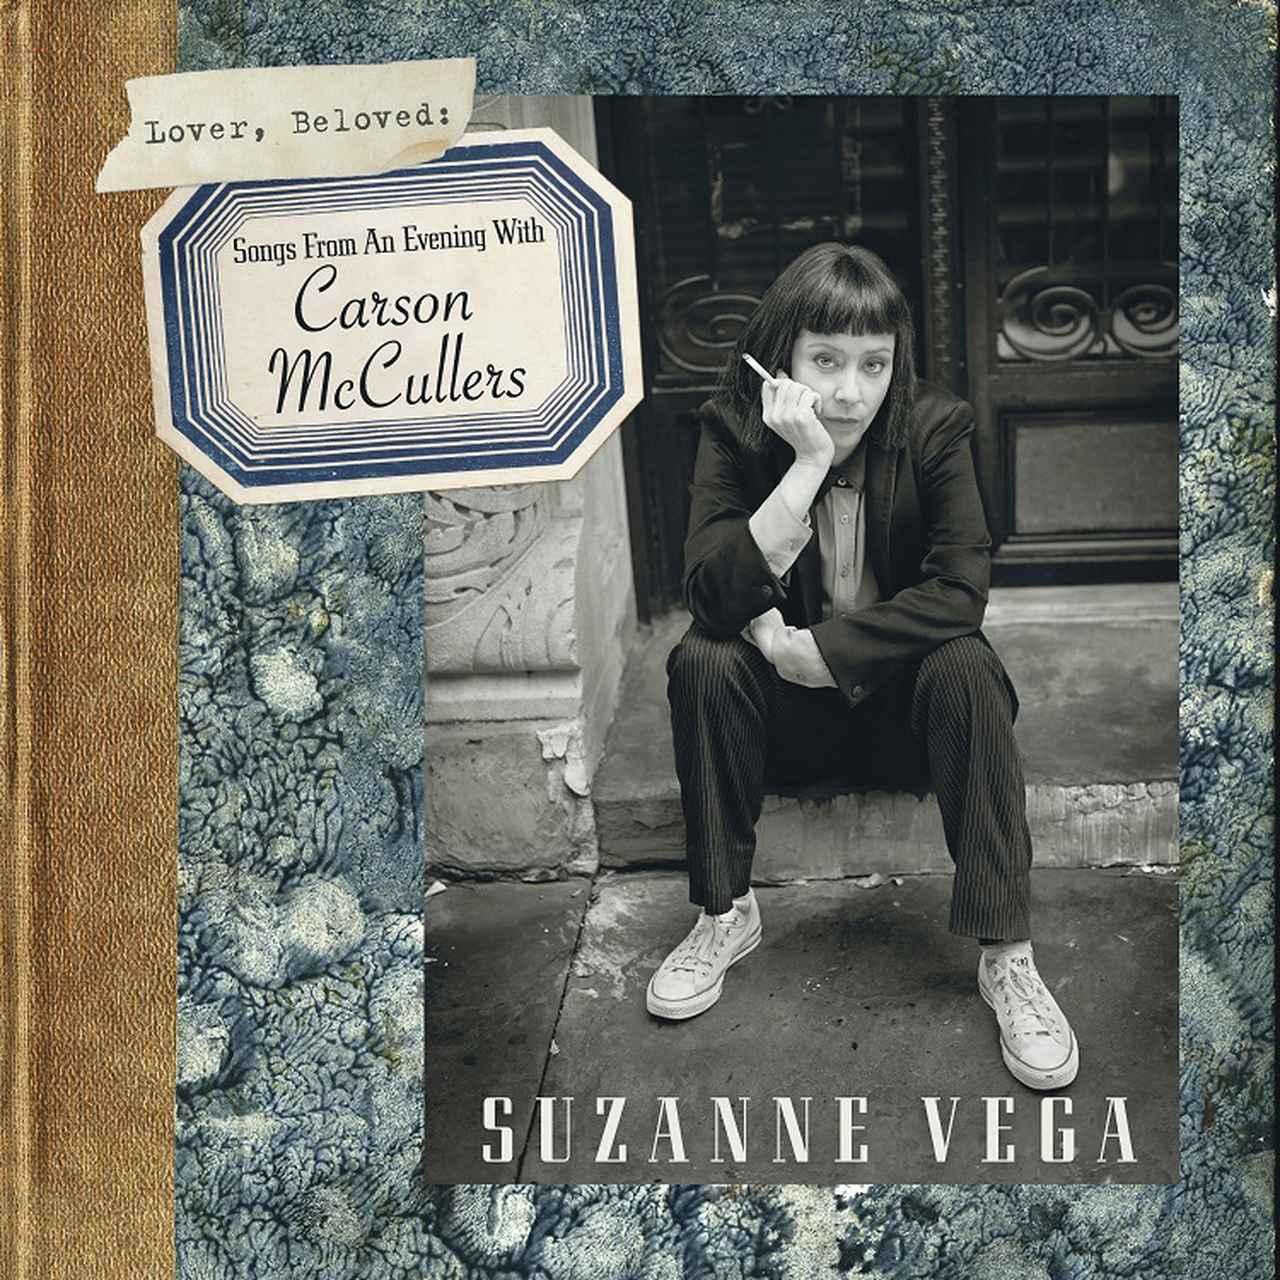 画像1: オンリーワンの歌声に包まれて 「LOVER, BELOVED: SONGS FROM AN EVENING WITH CARSON MCCULLERS」スザンヌ・ヴェガ